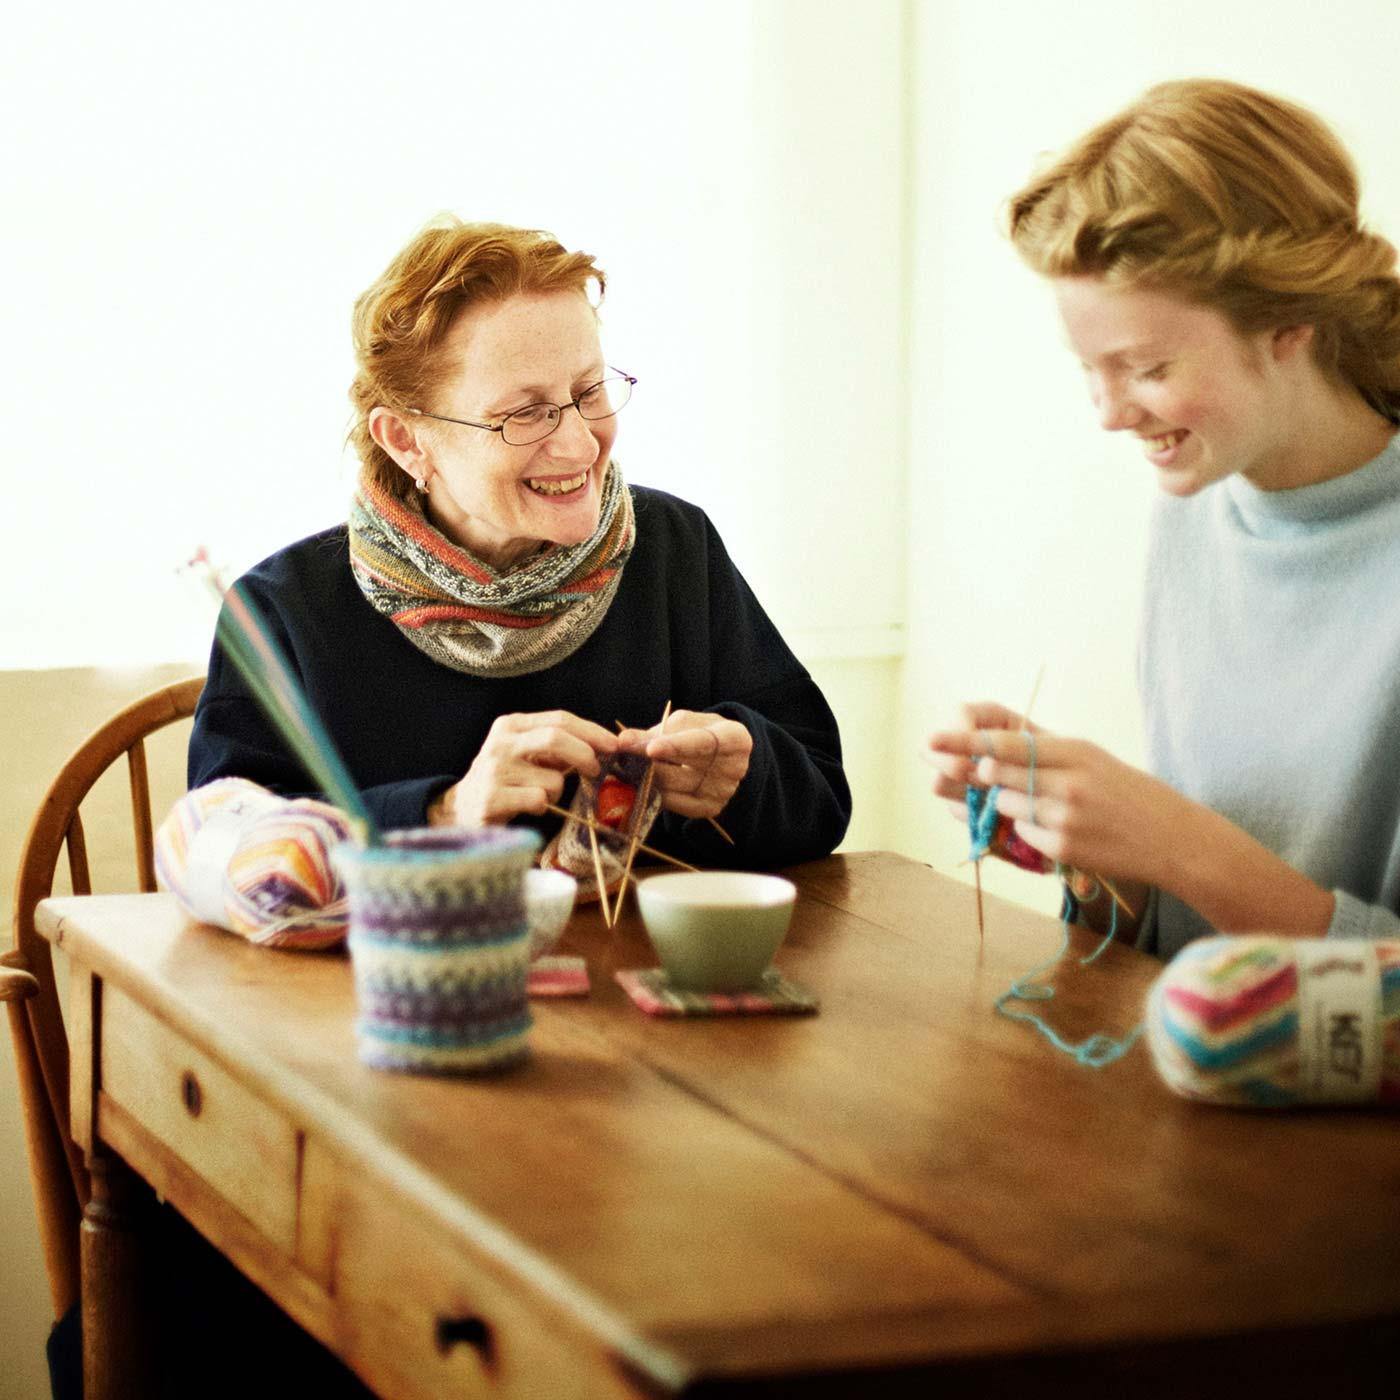 はじめて編み物をするモデルさんに、愛らしい笑顔とやわらかな口調で編み方を教える梅村 マルティナさん(左)。自然と笑顔が生まれ、編み物をしながらおしゃべりが弾みました。